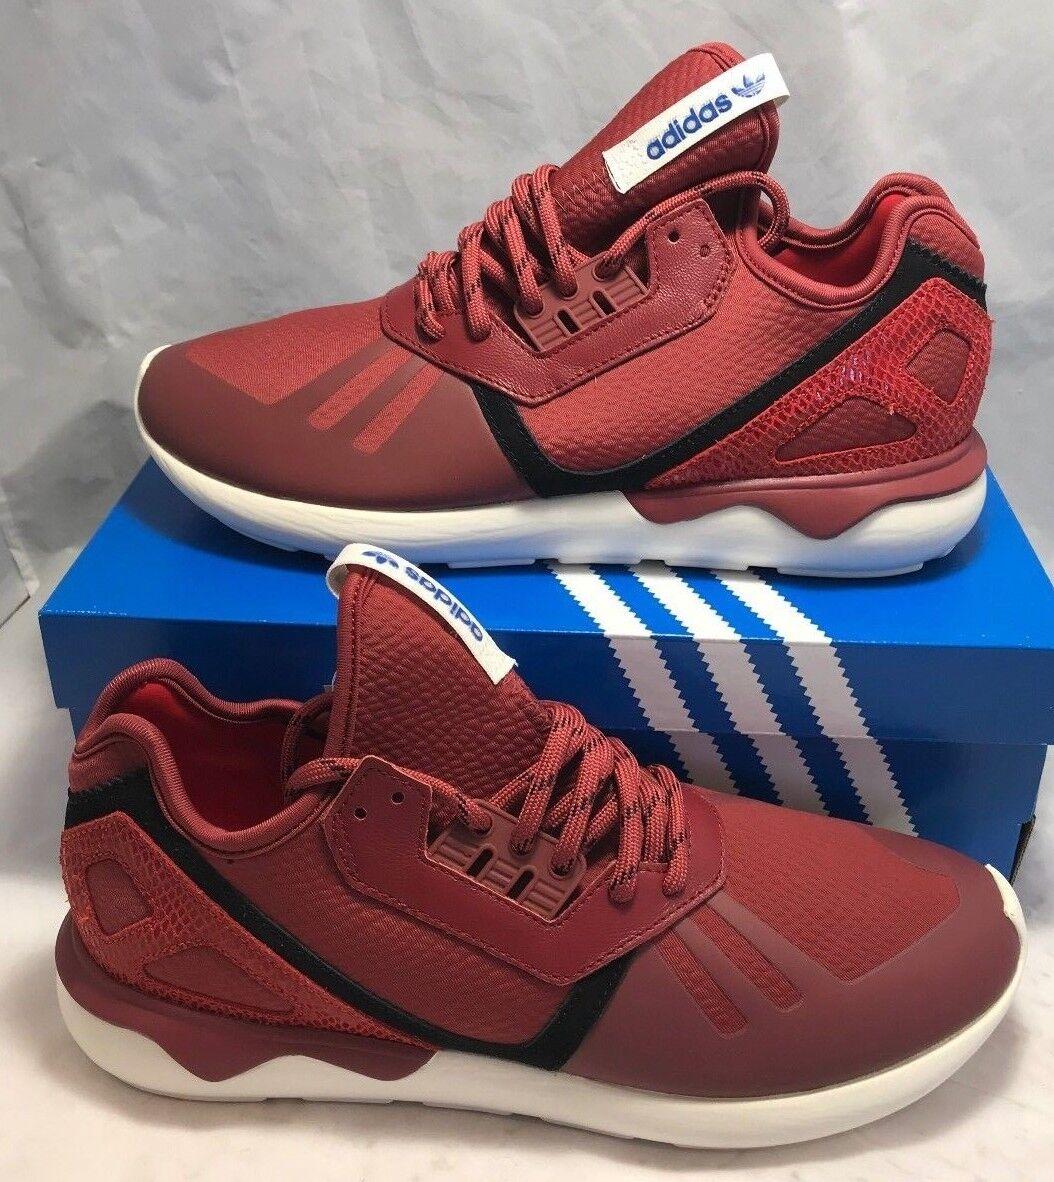 110 dollari tubulare adidas Uomo dimensioni 9.5 tubulare dollari runner in scarpe da ginnastica nuove rosso - nero f474f5